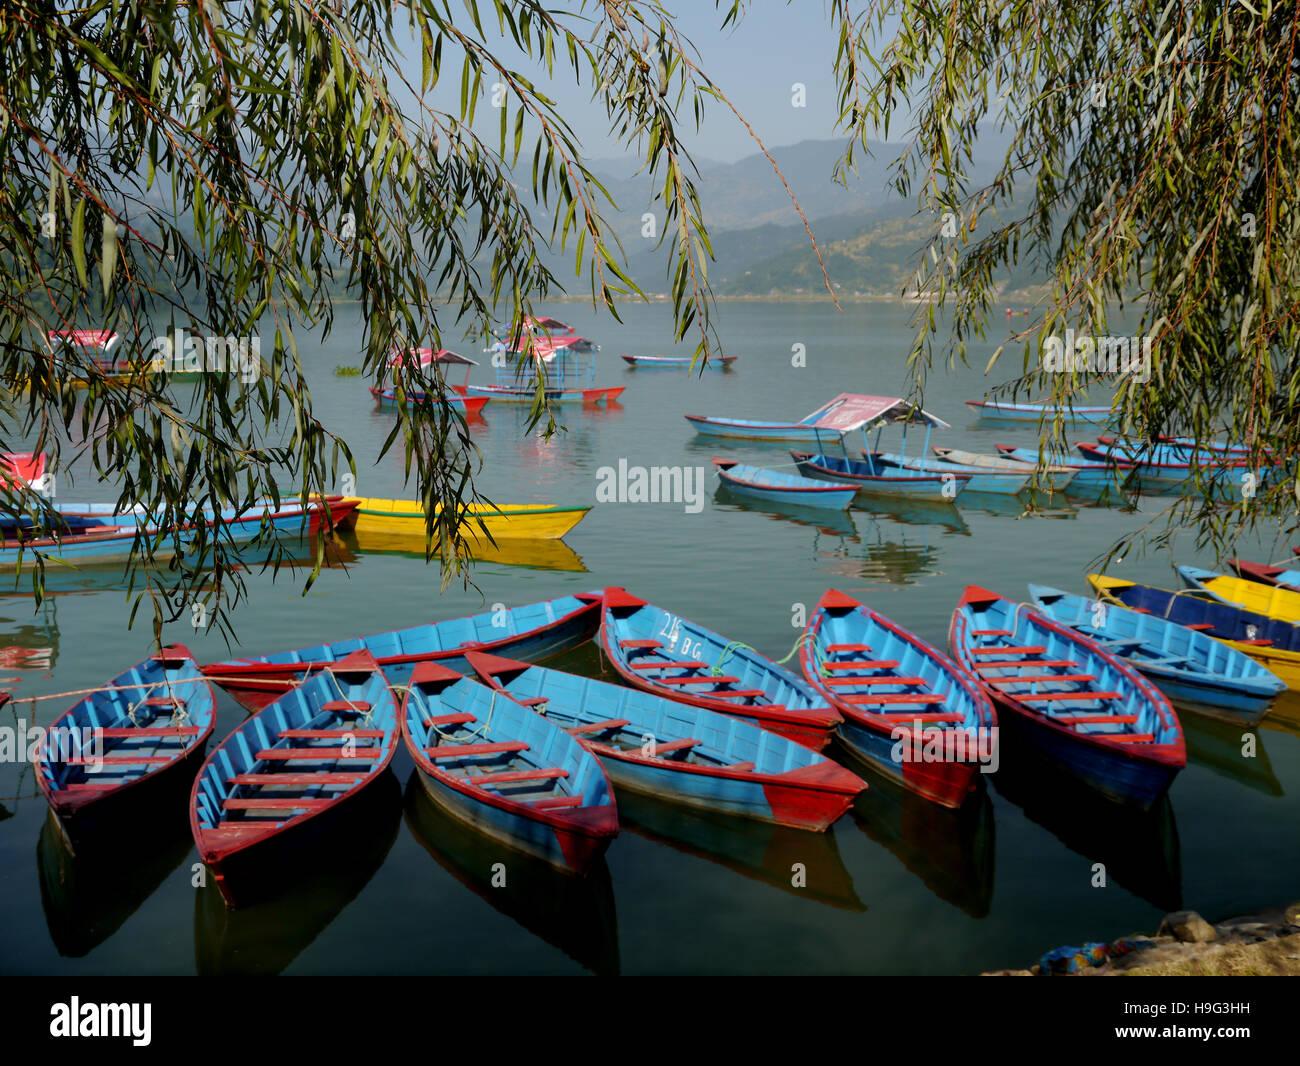 Pleasure Boats on Pokhara Lake (Phewa Tal) Nepal, Asia. - Stock Image